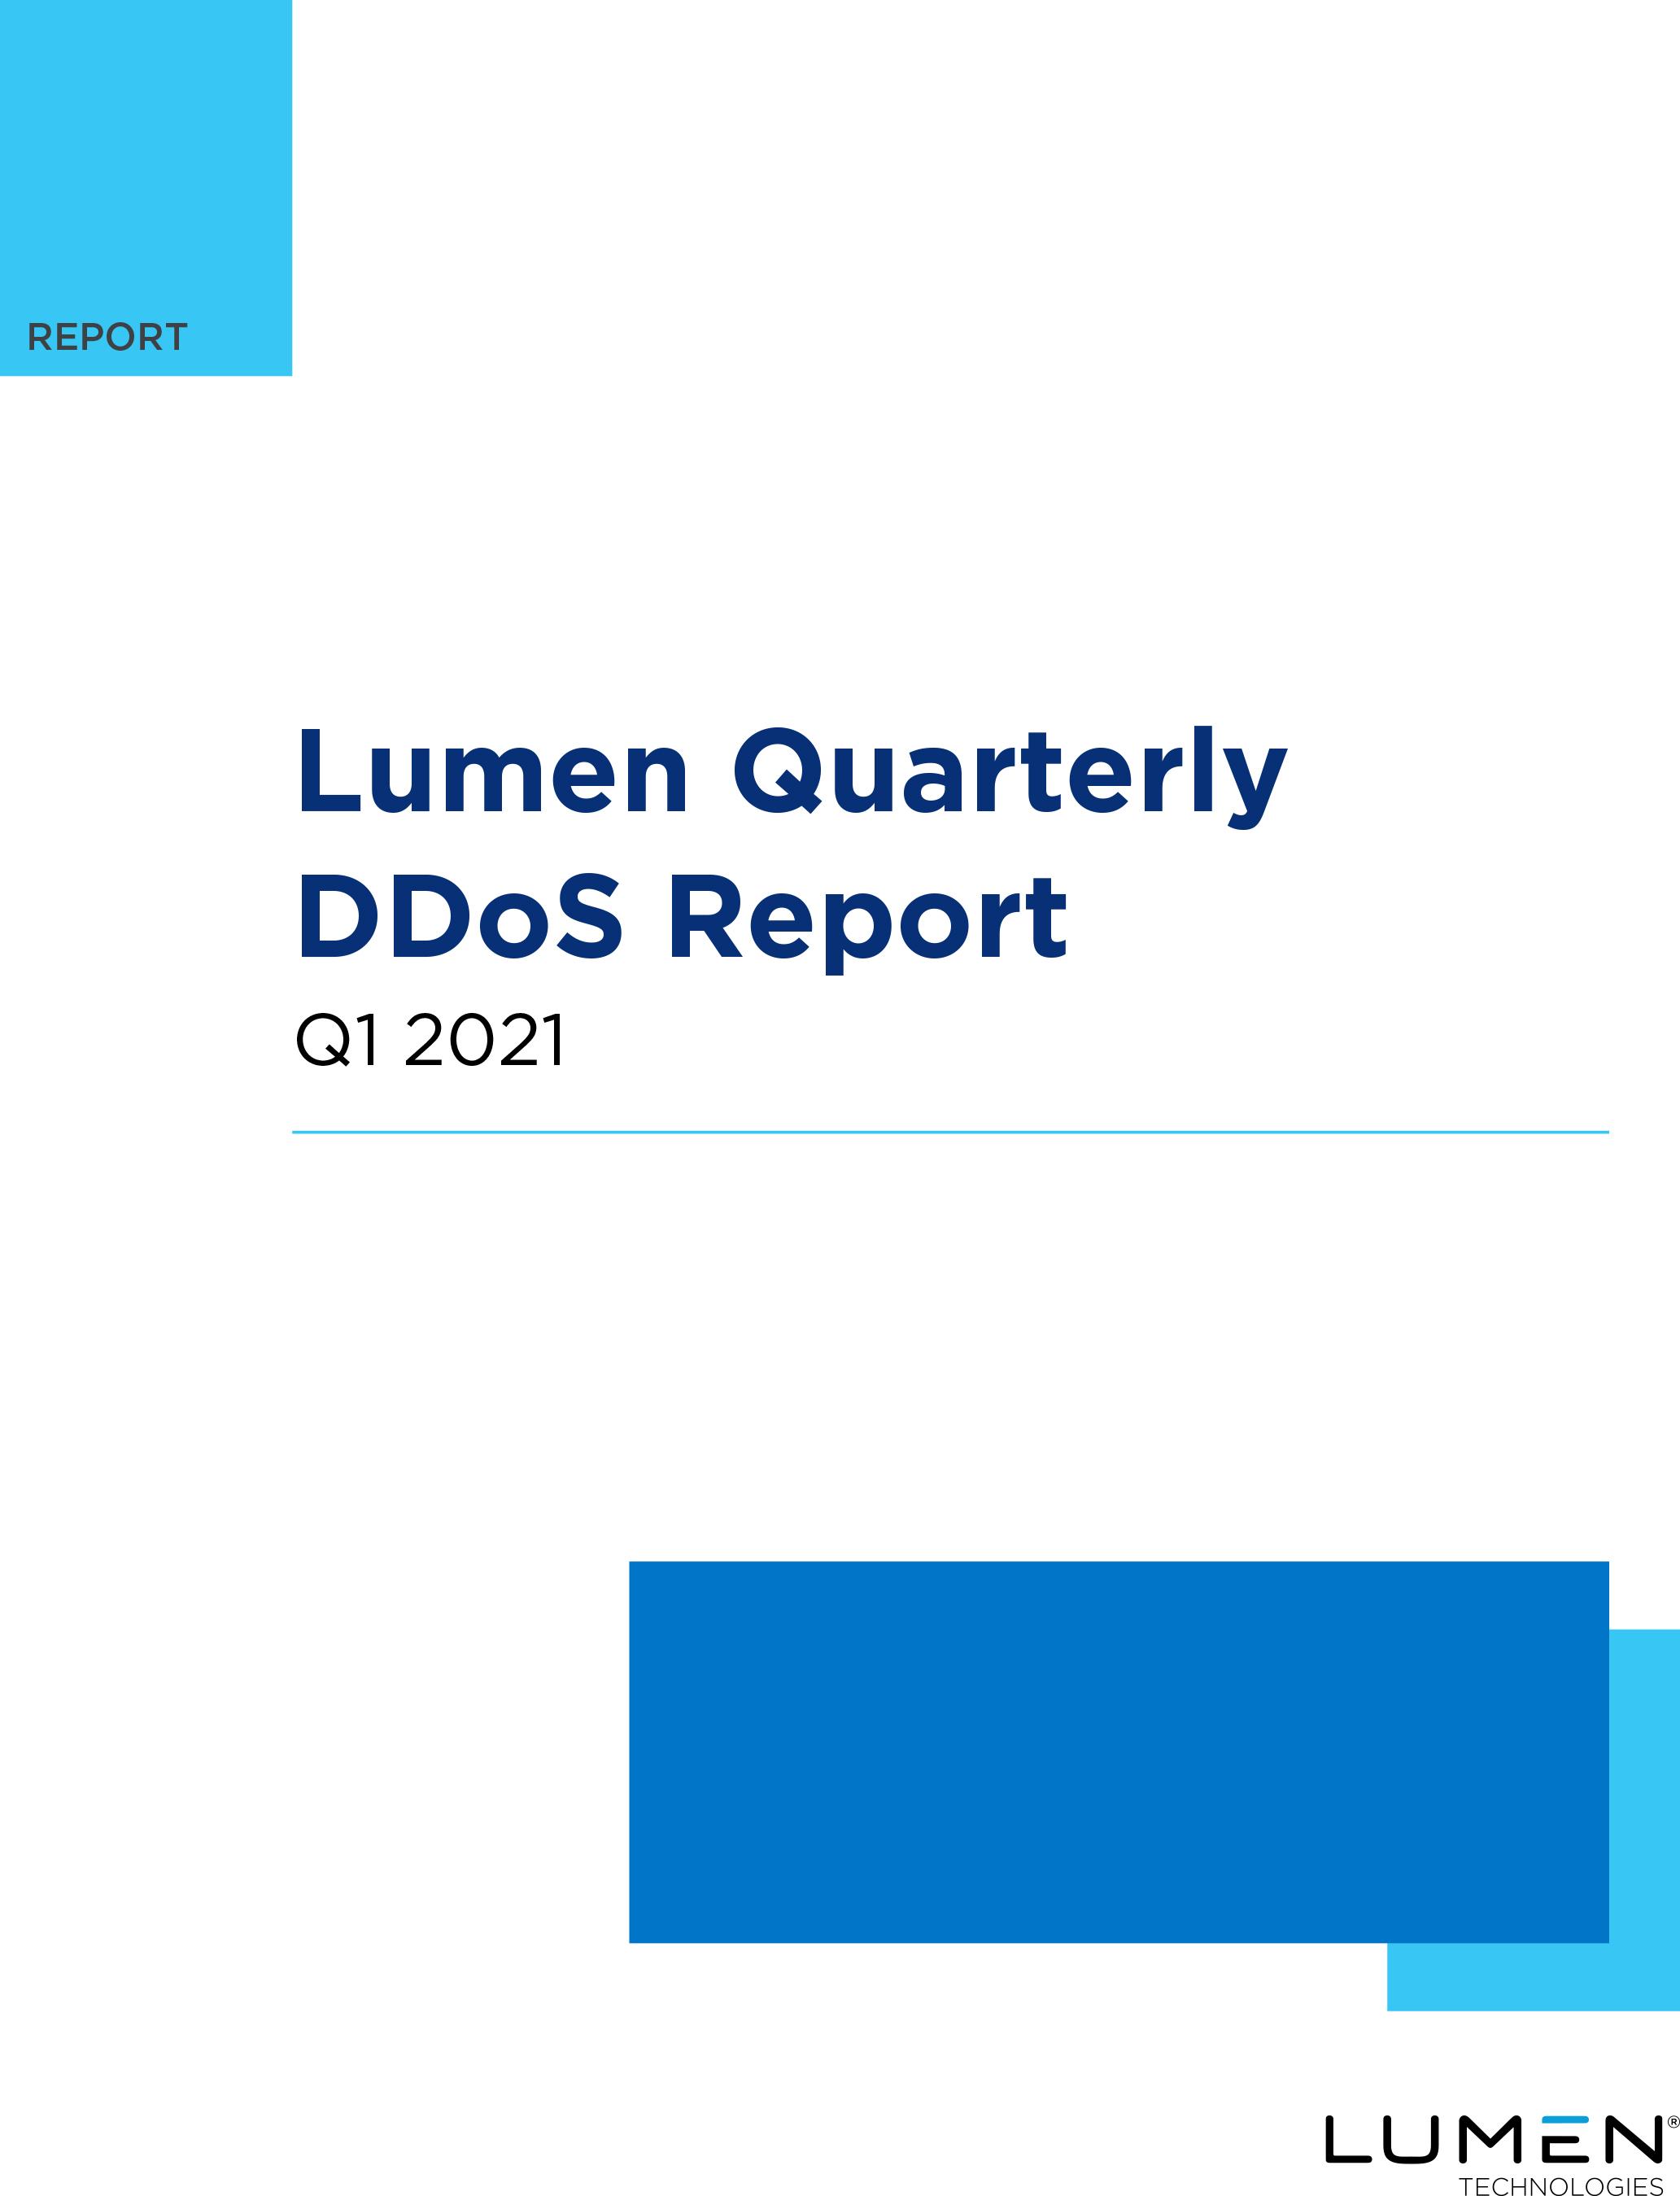 Lumen Quarterly DDoS Report Q1 2021